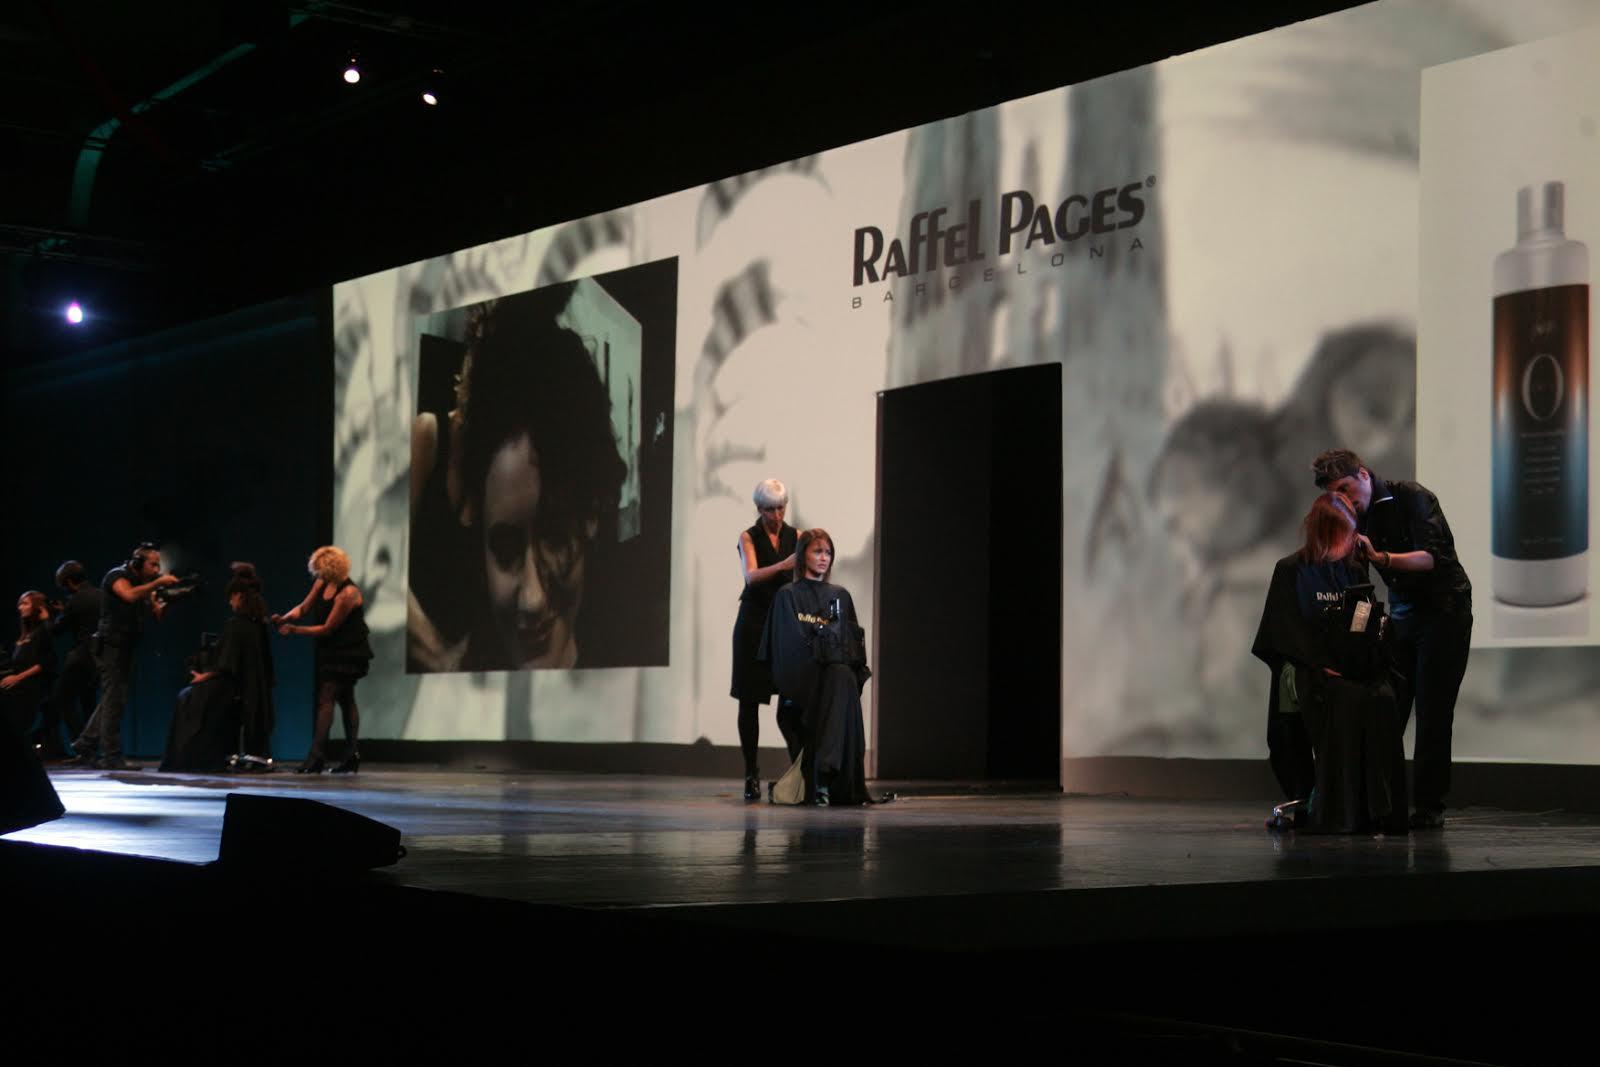 Exhibición de peluqueria Raffel Pages